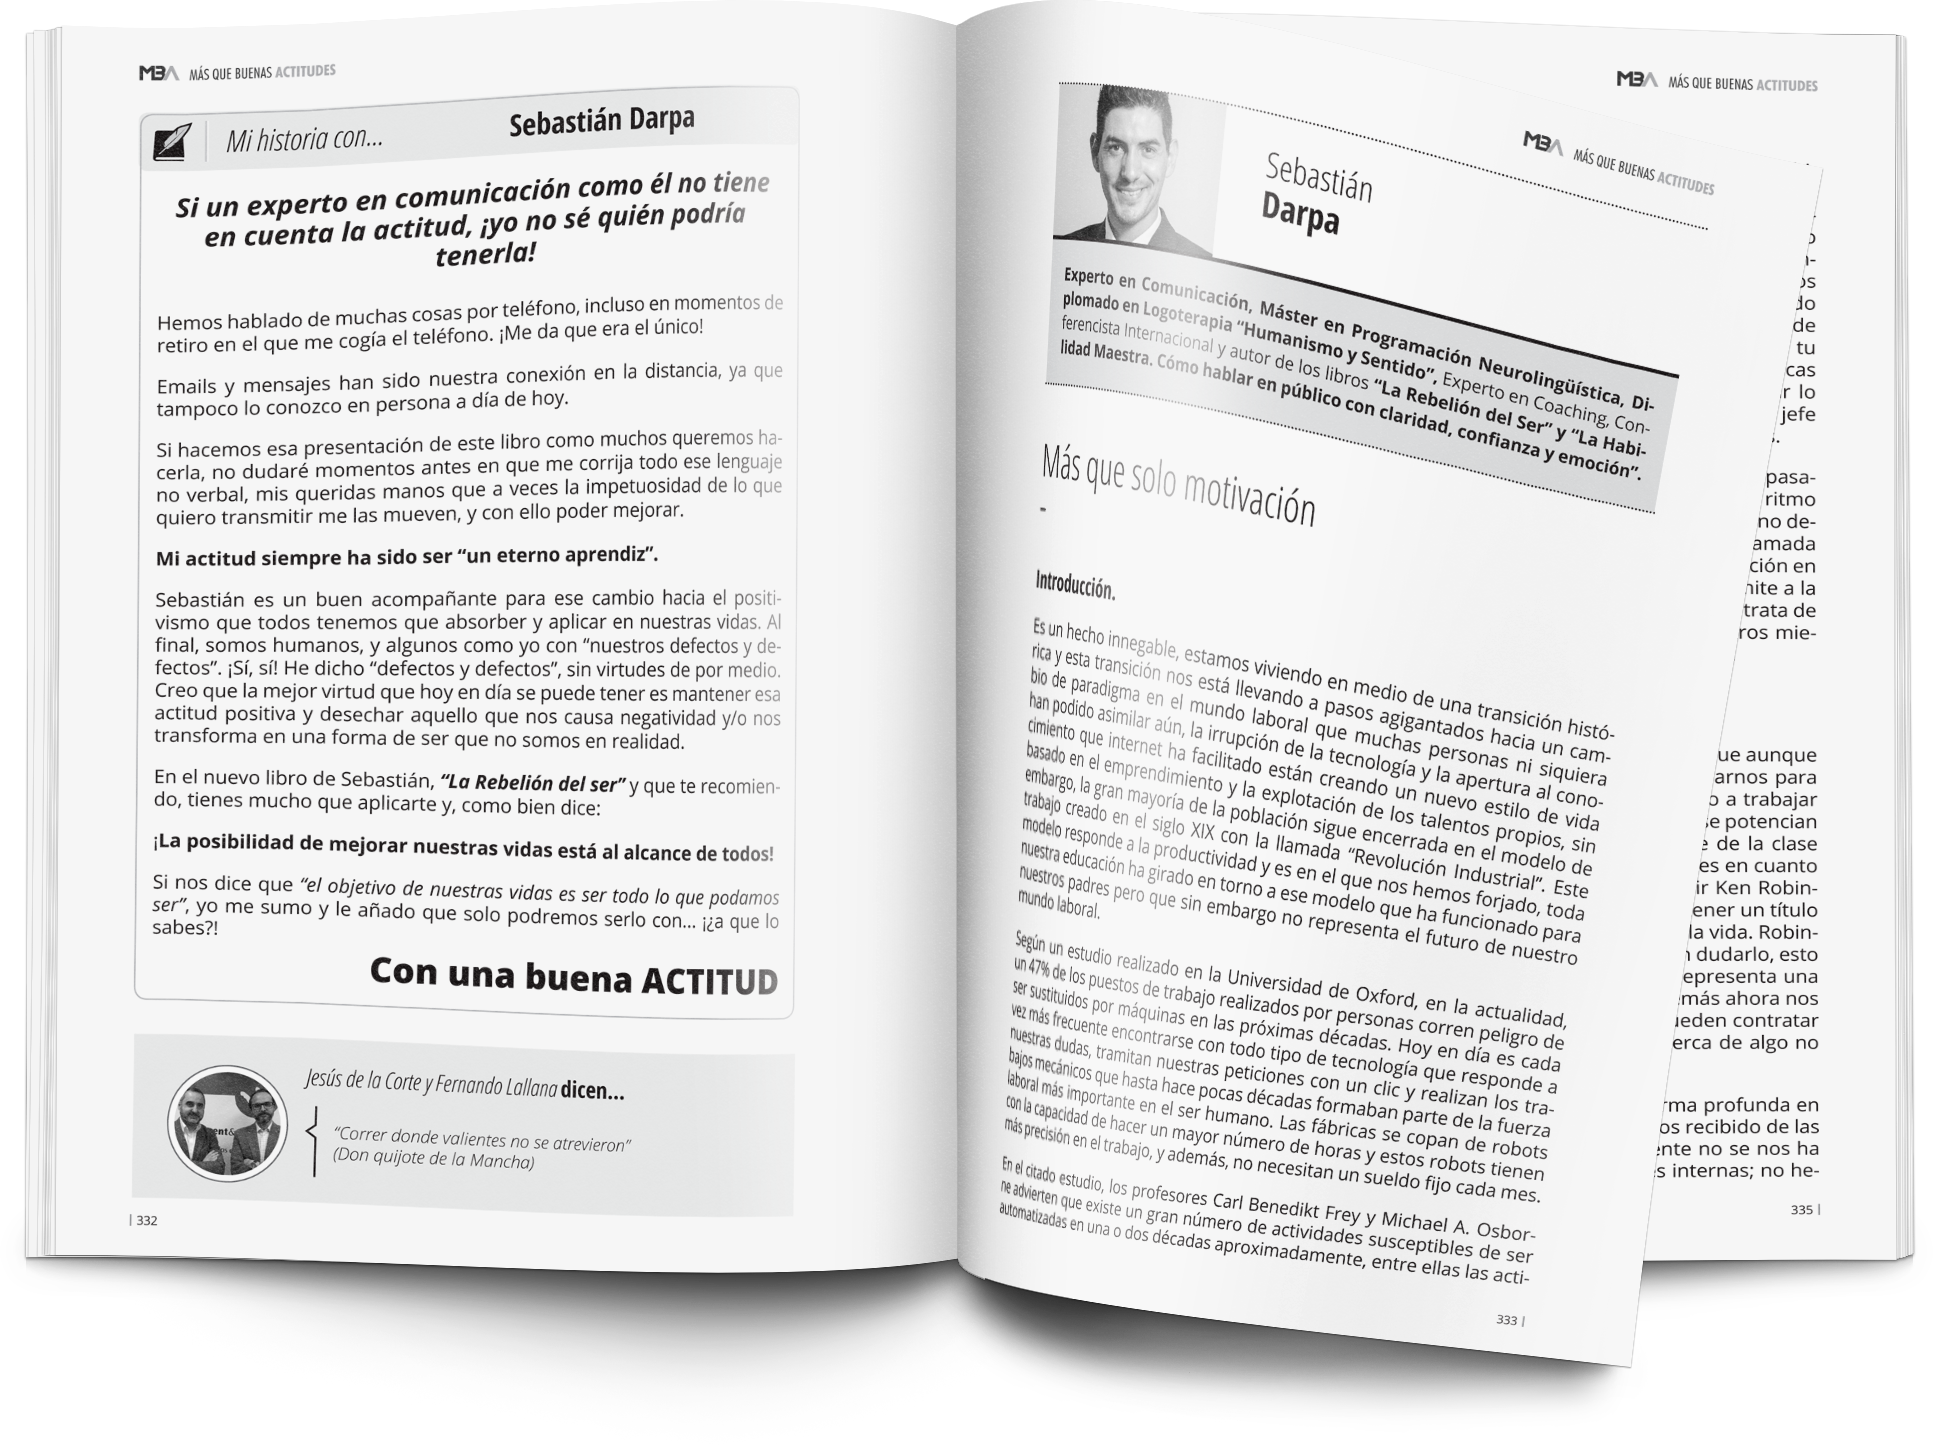 diseño editorial interior a una tinta y diseño gráfico freelance alicante libro mba para editorial ideas activas